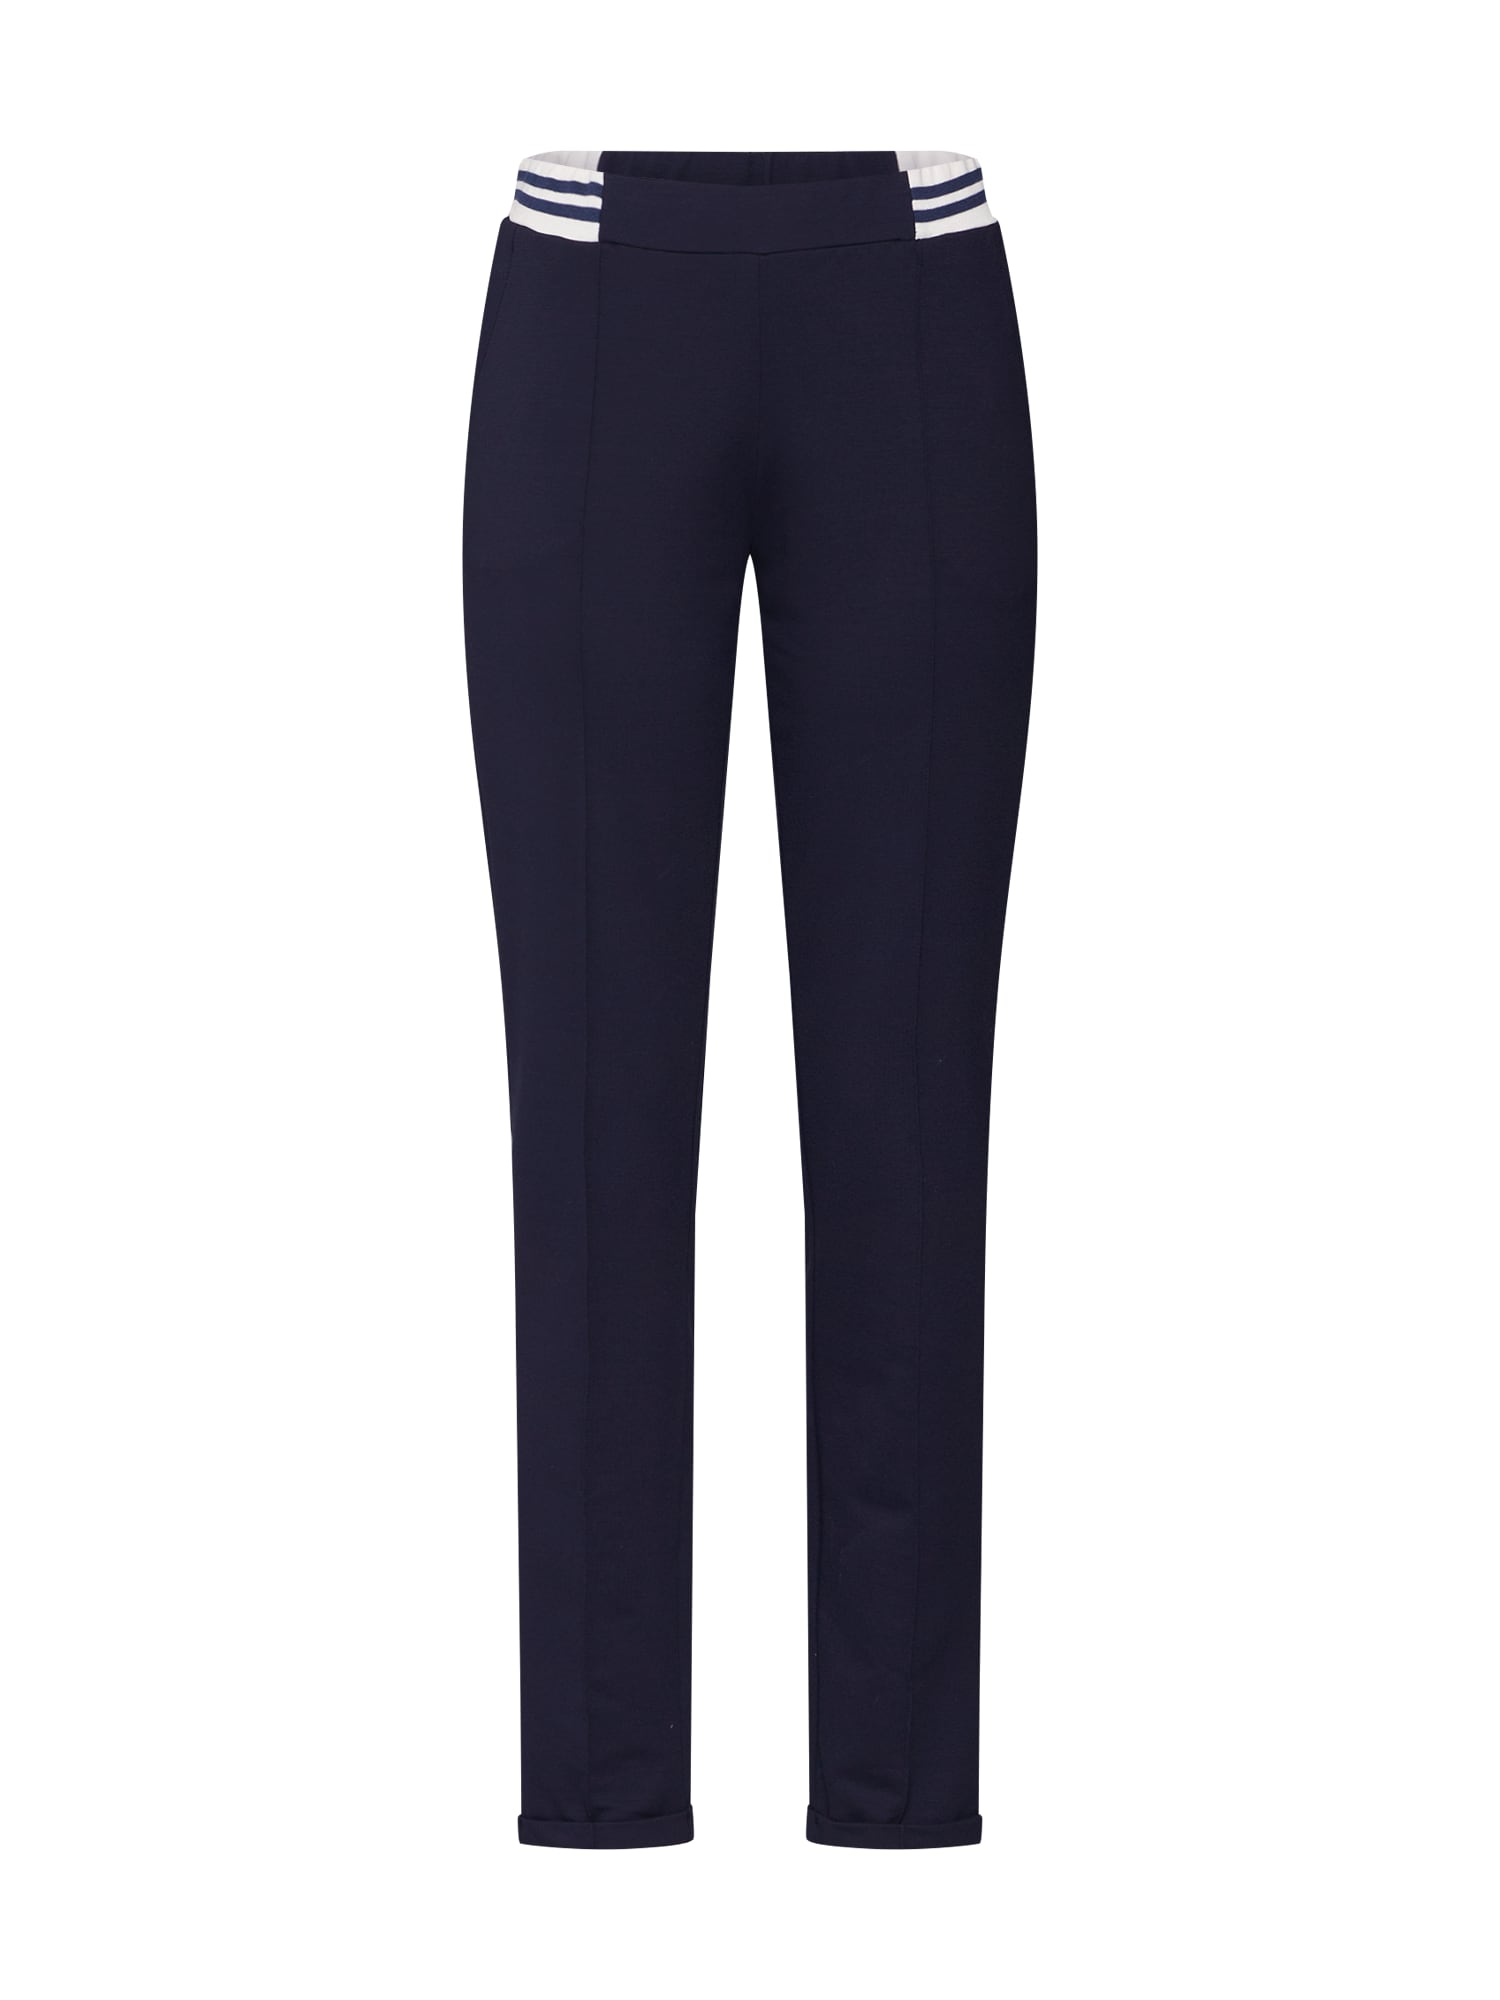 Pyžamové kalhoty Favourites Trend 1 tmavě modrá CALIDA